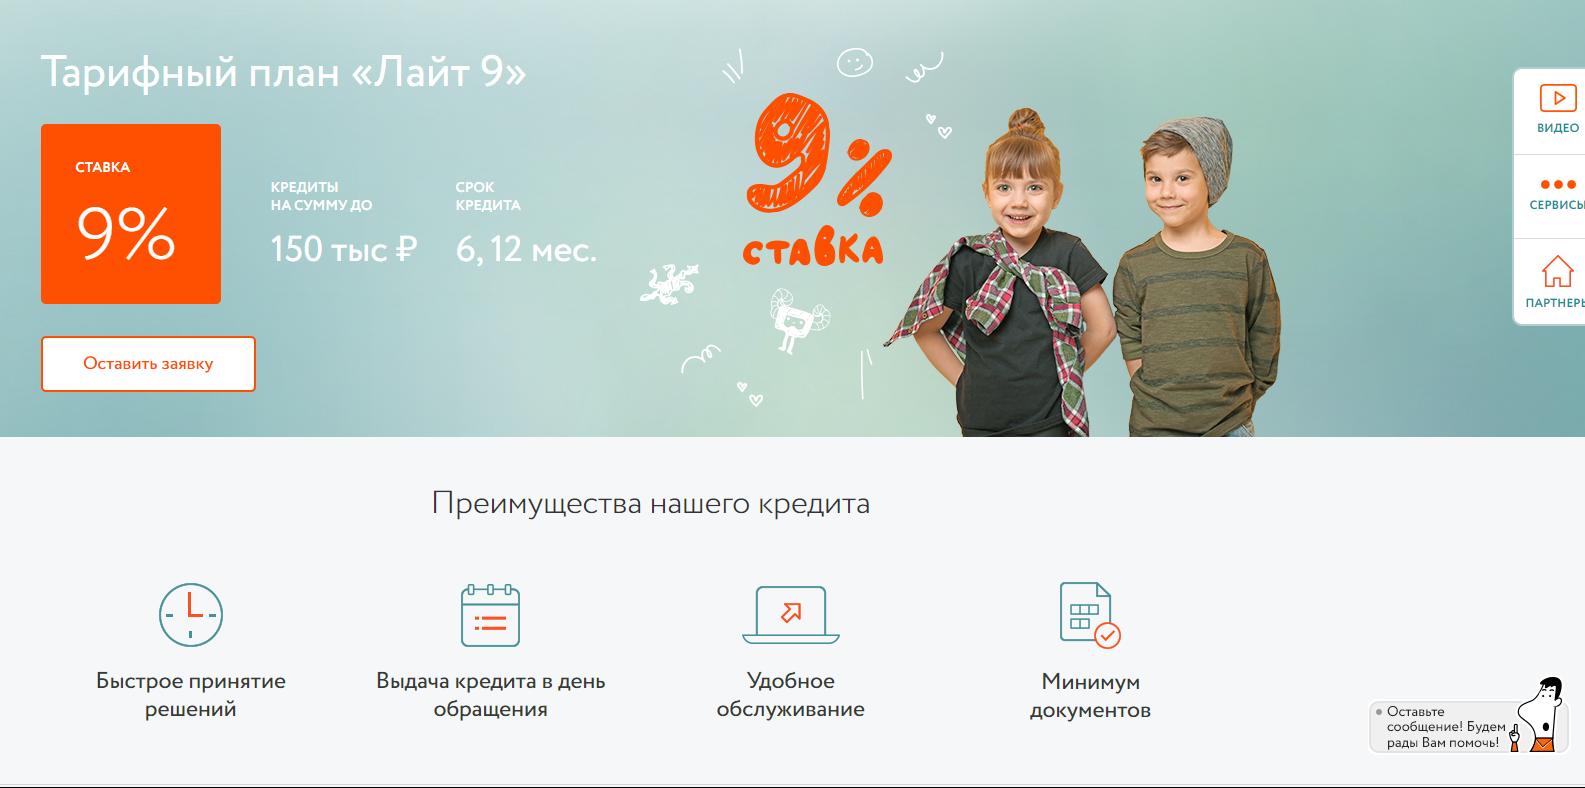 aziatsko-tixookeanskij-bank-kredit_2